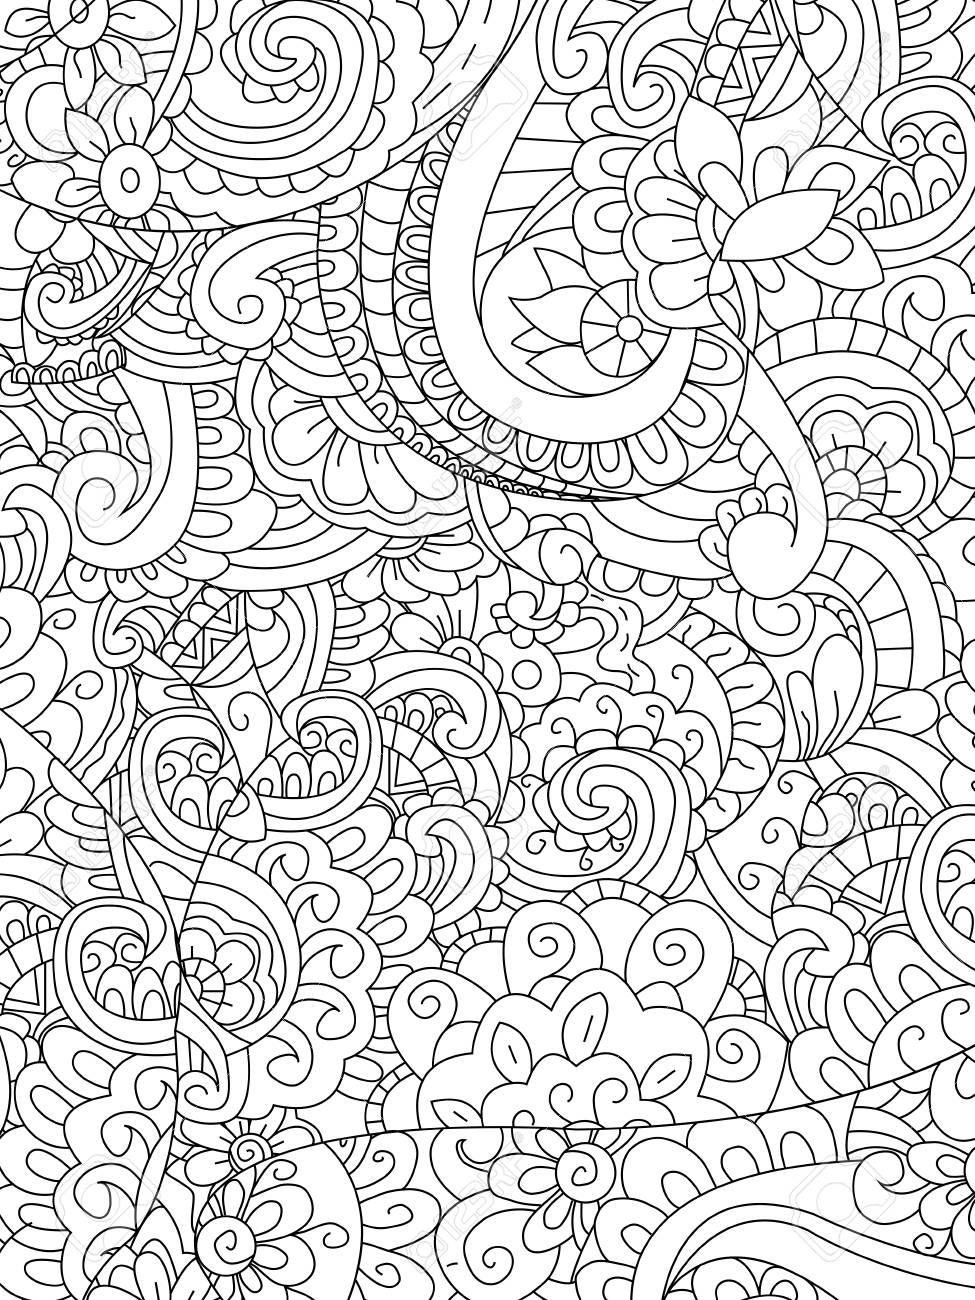 Flor Del Modelo De Libro Para Colorear Para Los Adultos Ilustración Vectorial Antiestrés Colorear Para Adultos Estilo De Zentangle Líneas Blancas Y